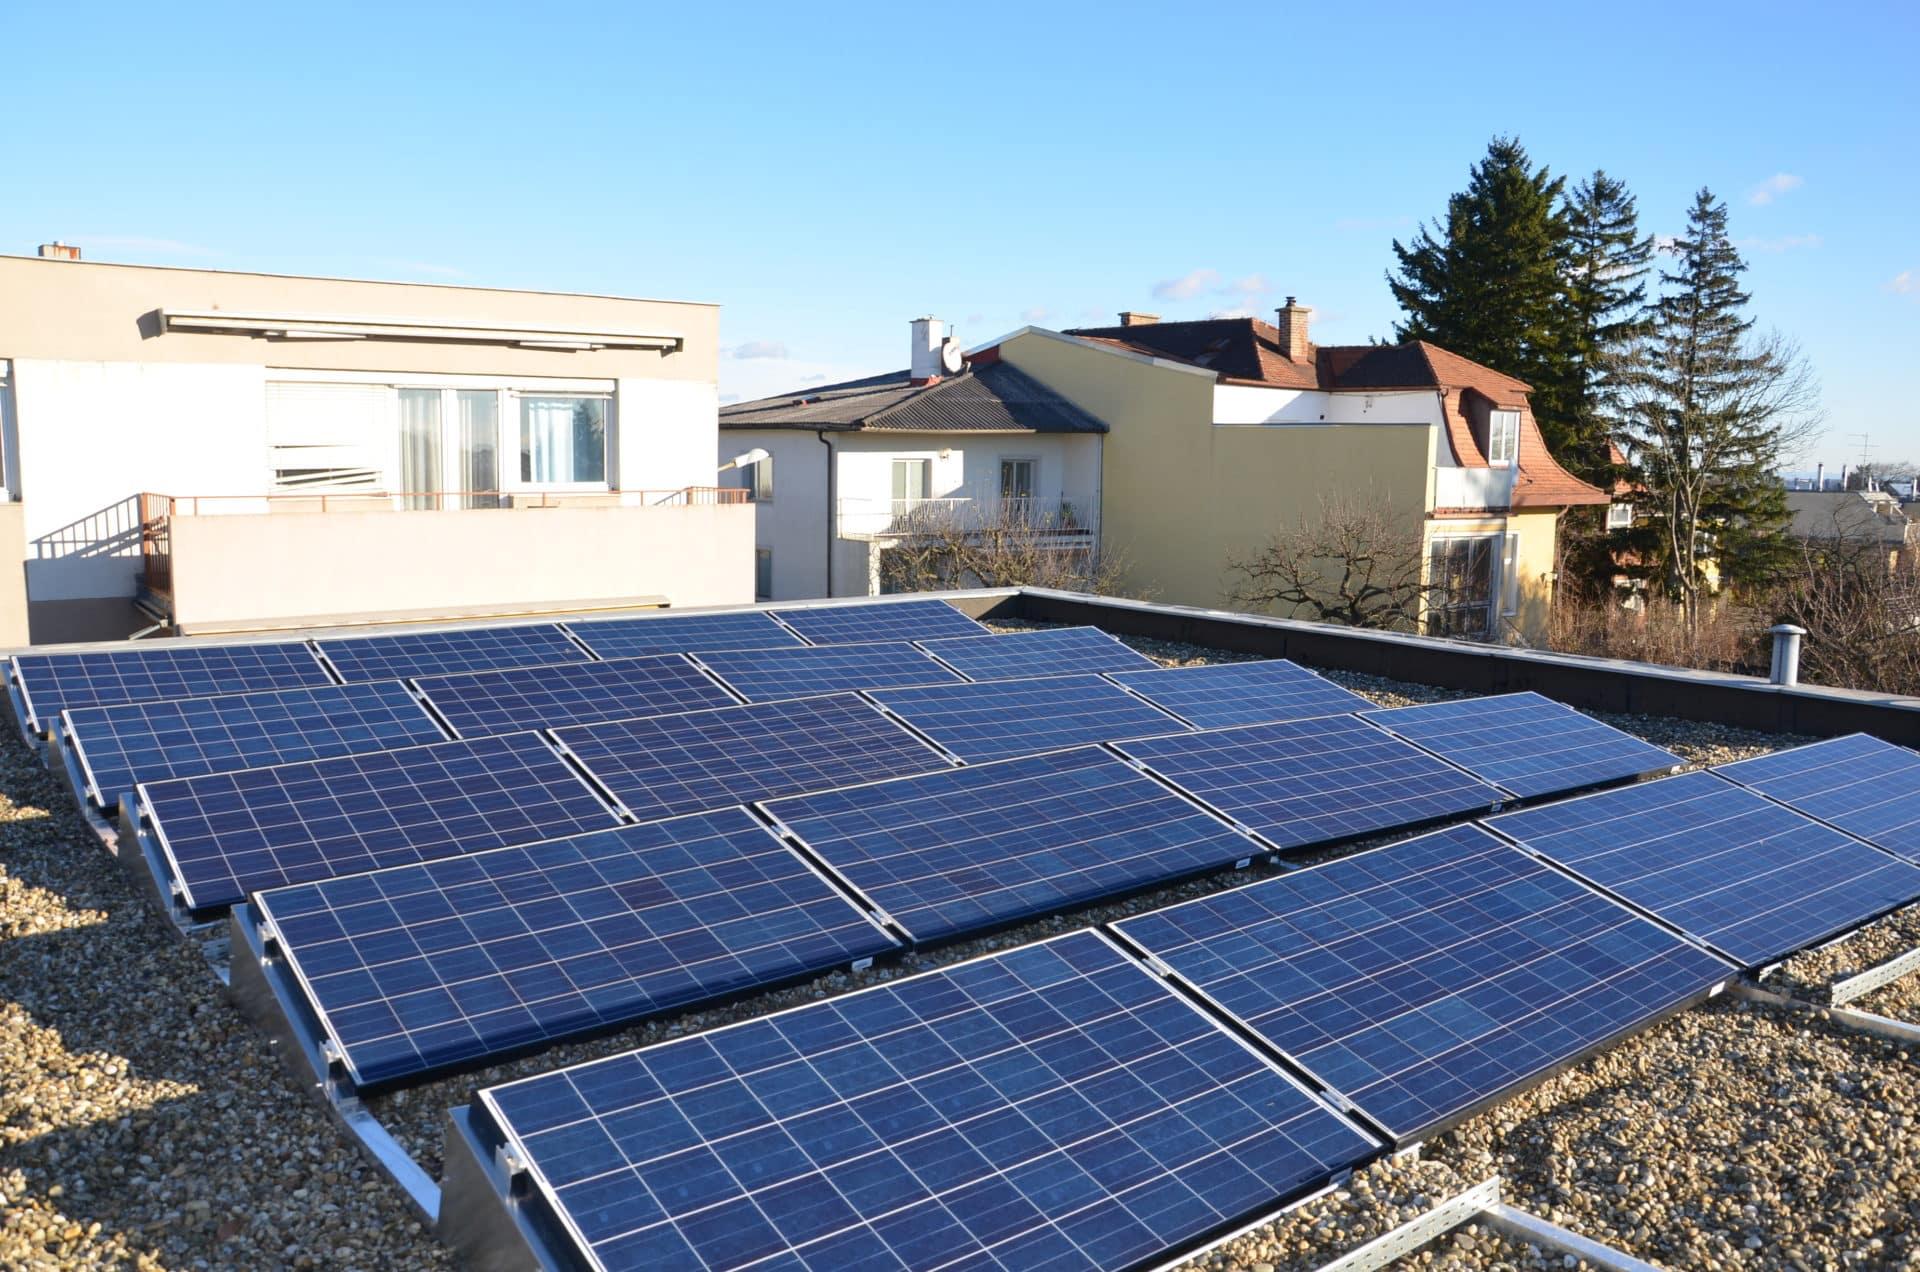 referenz einfamilienhaus solaranlage wien 1230 2